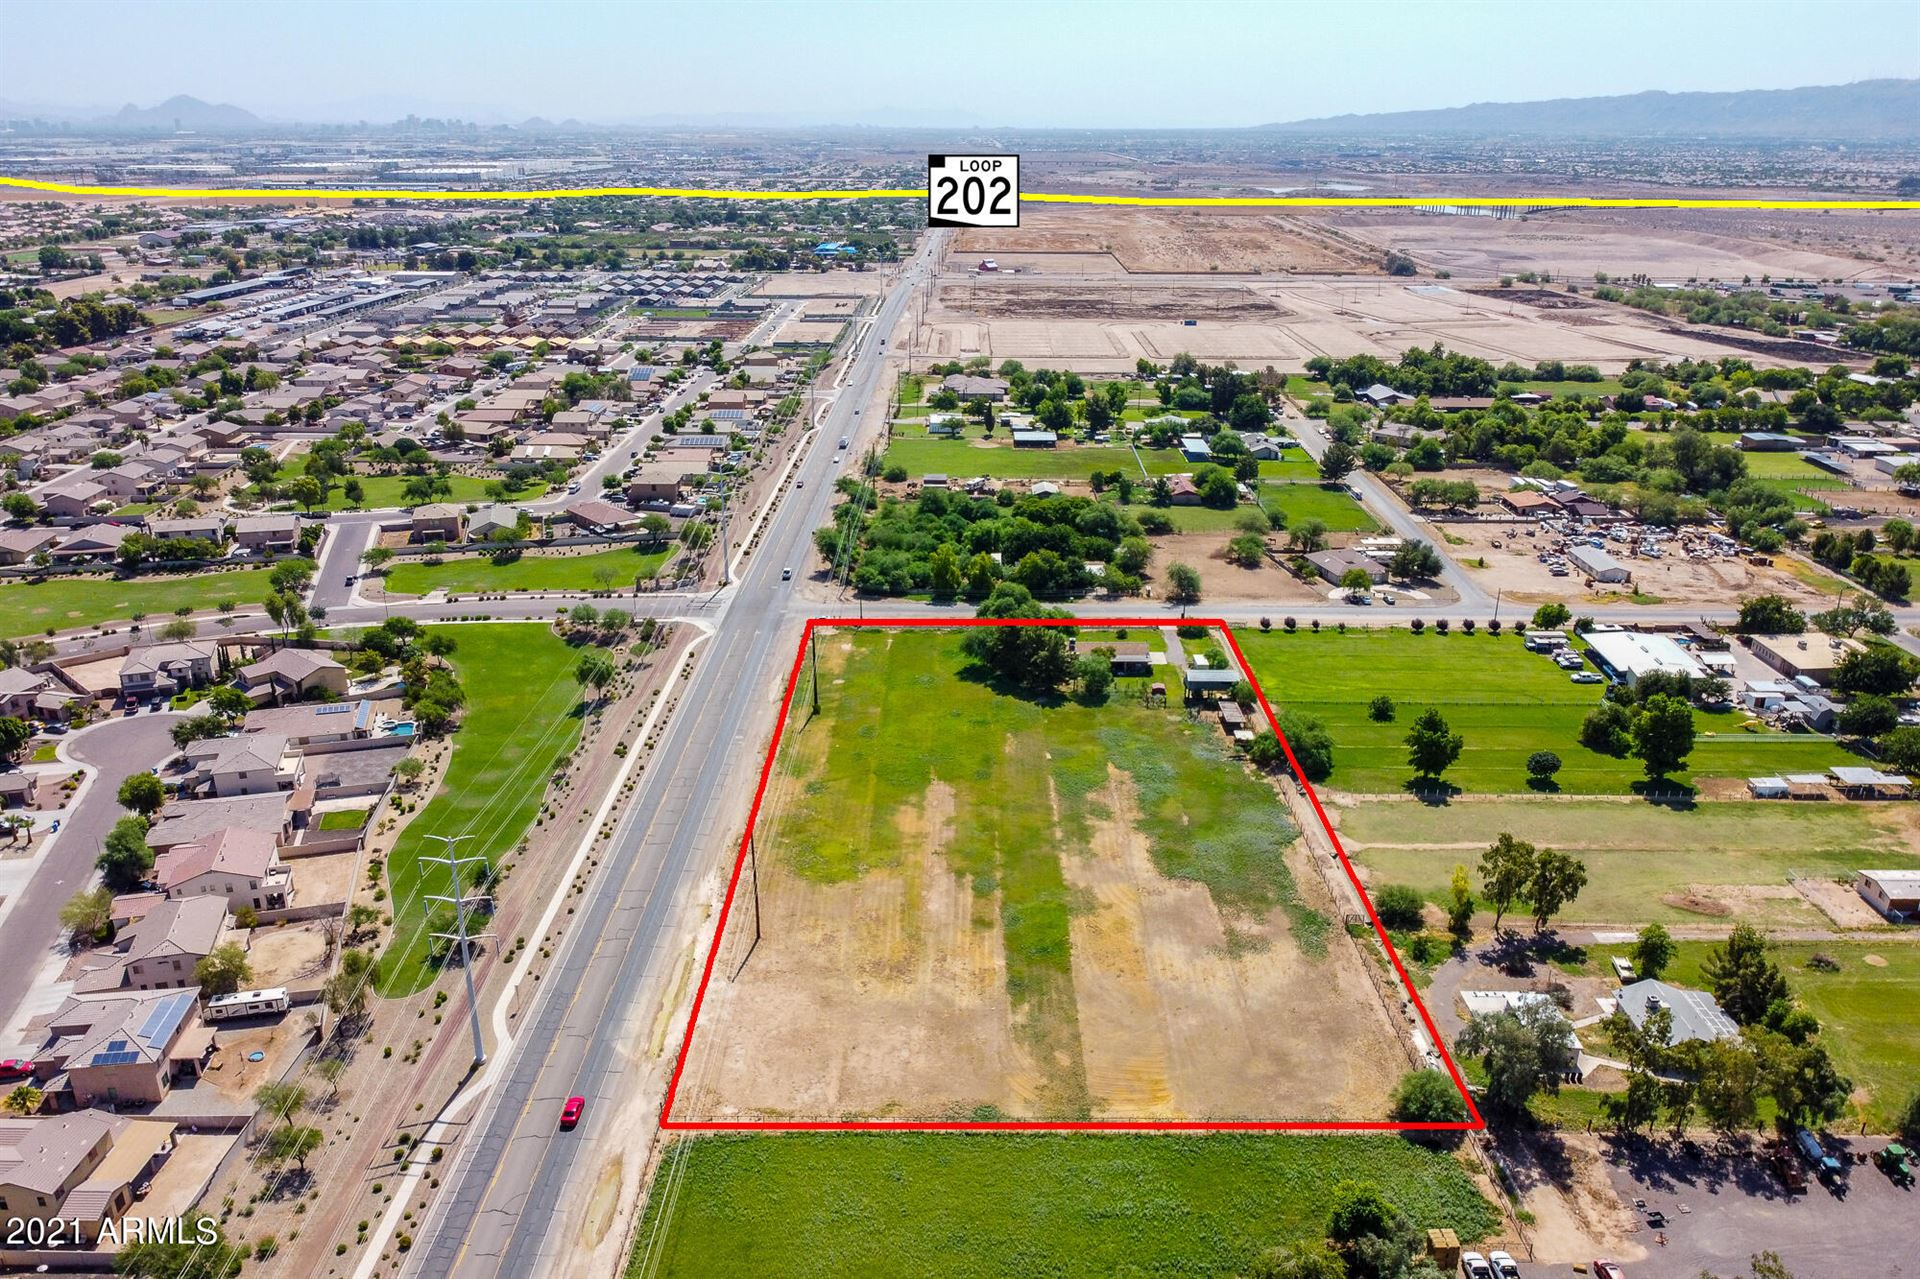 7103 W BROADWAY Road, Phoenix, AZ 85043 - MLS#: 6262044